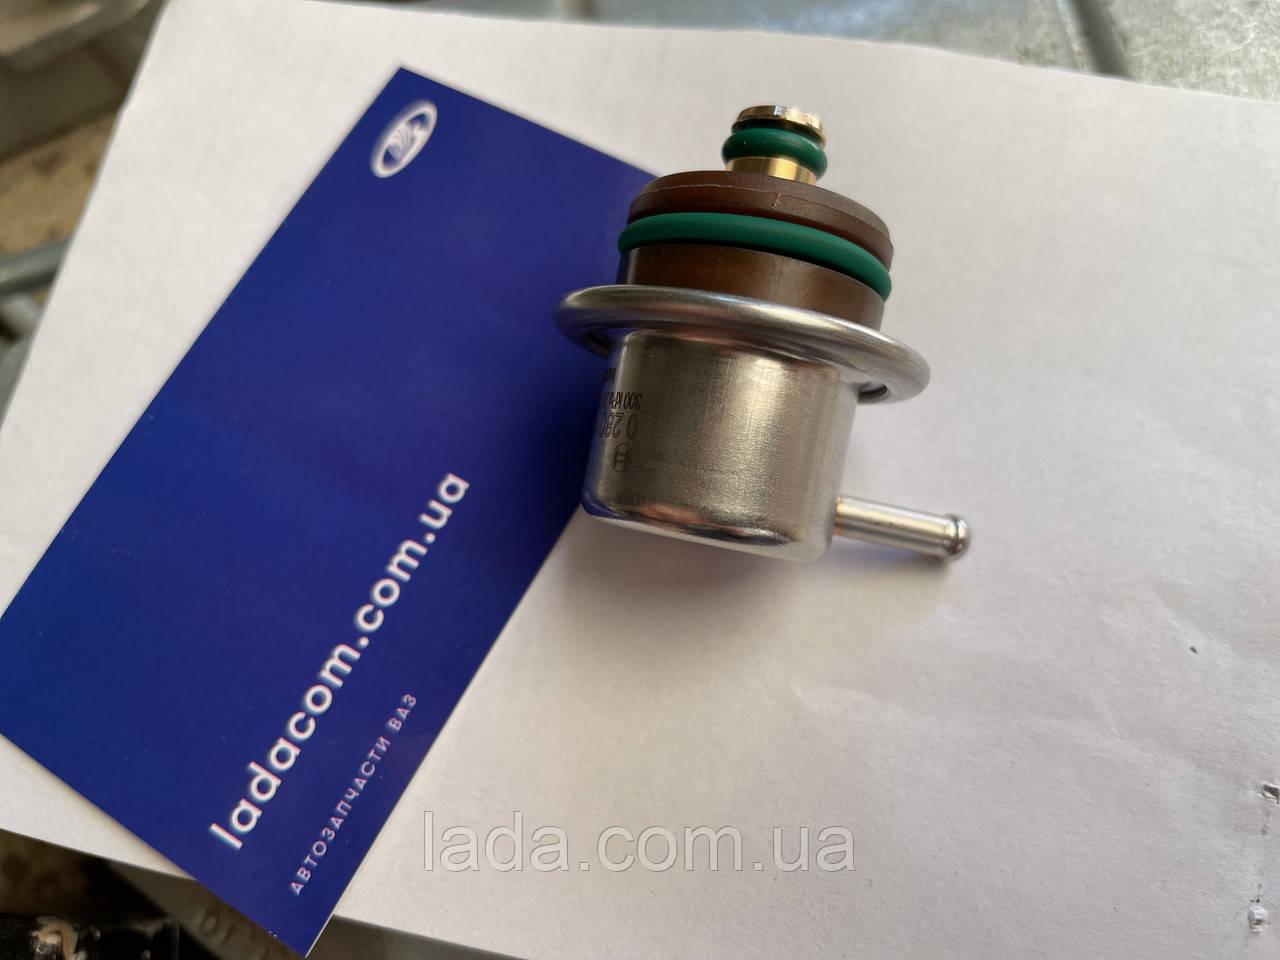 Регулятор тиску палива ЗАЗ Сенс, Ланос 1.4, Таврія, Славута